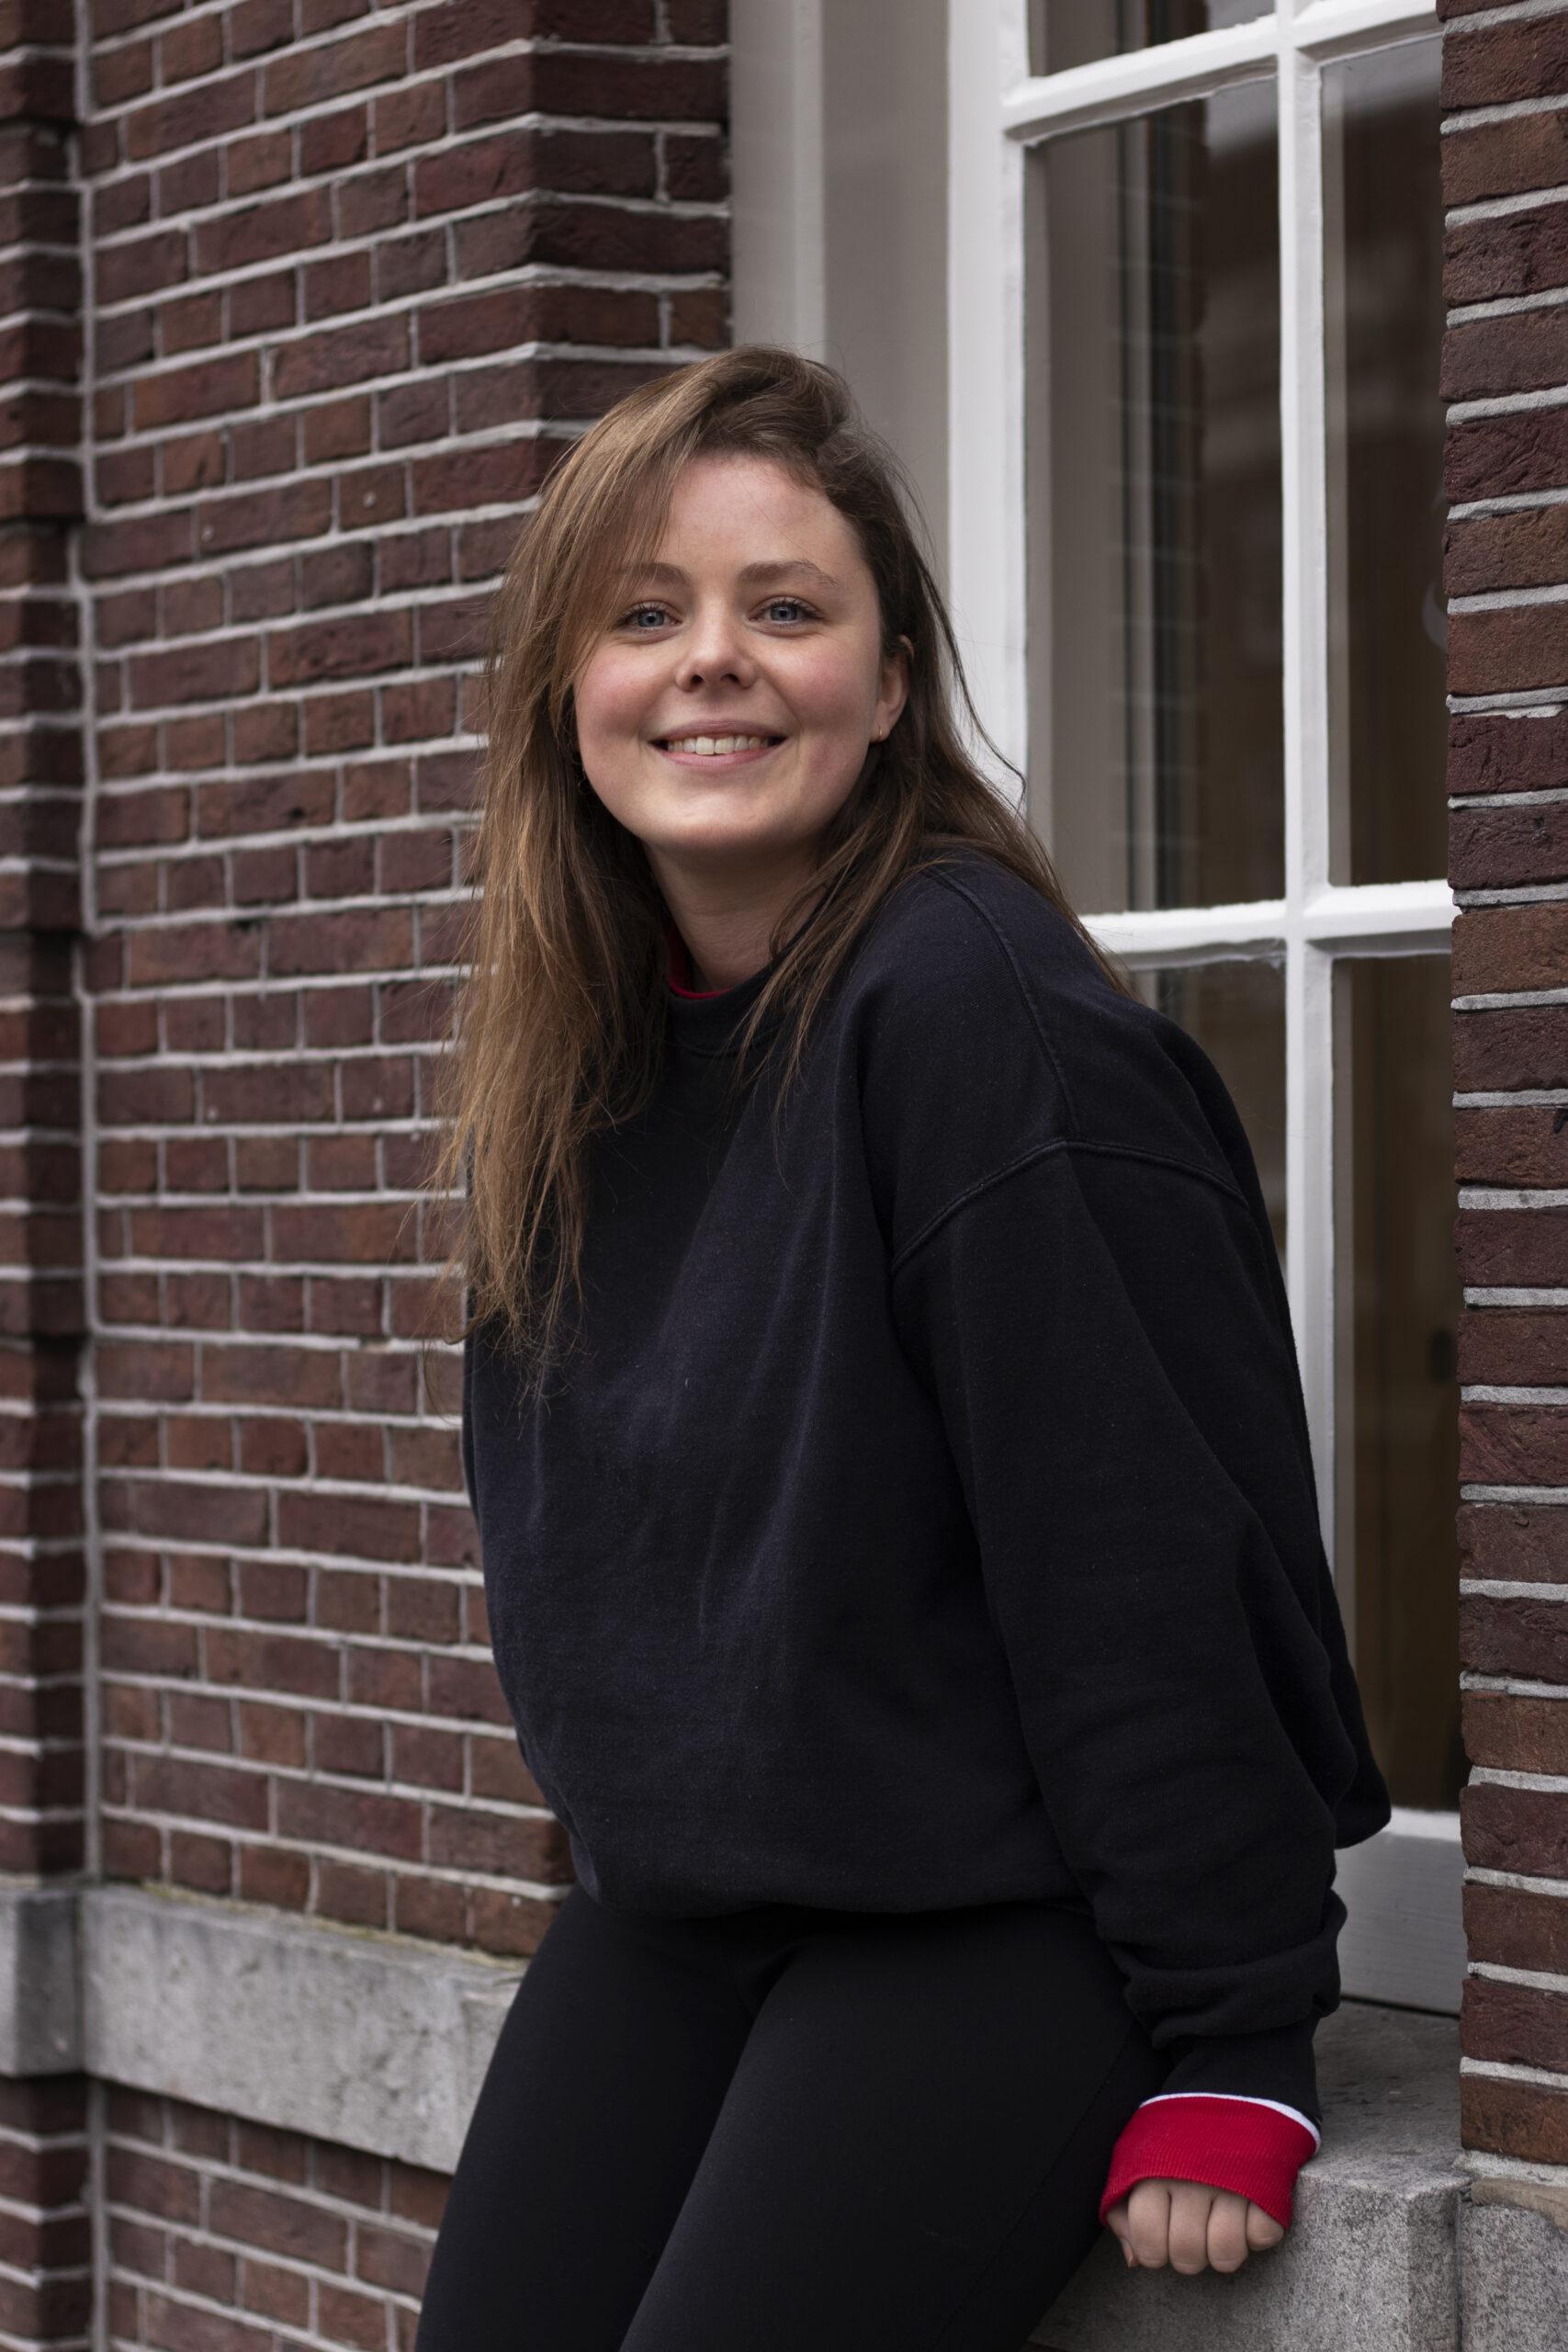 Esther Beunis